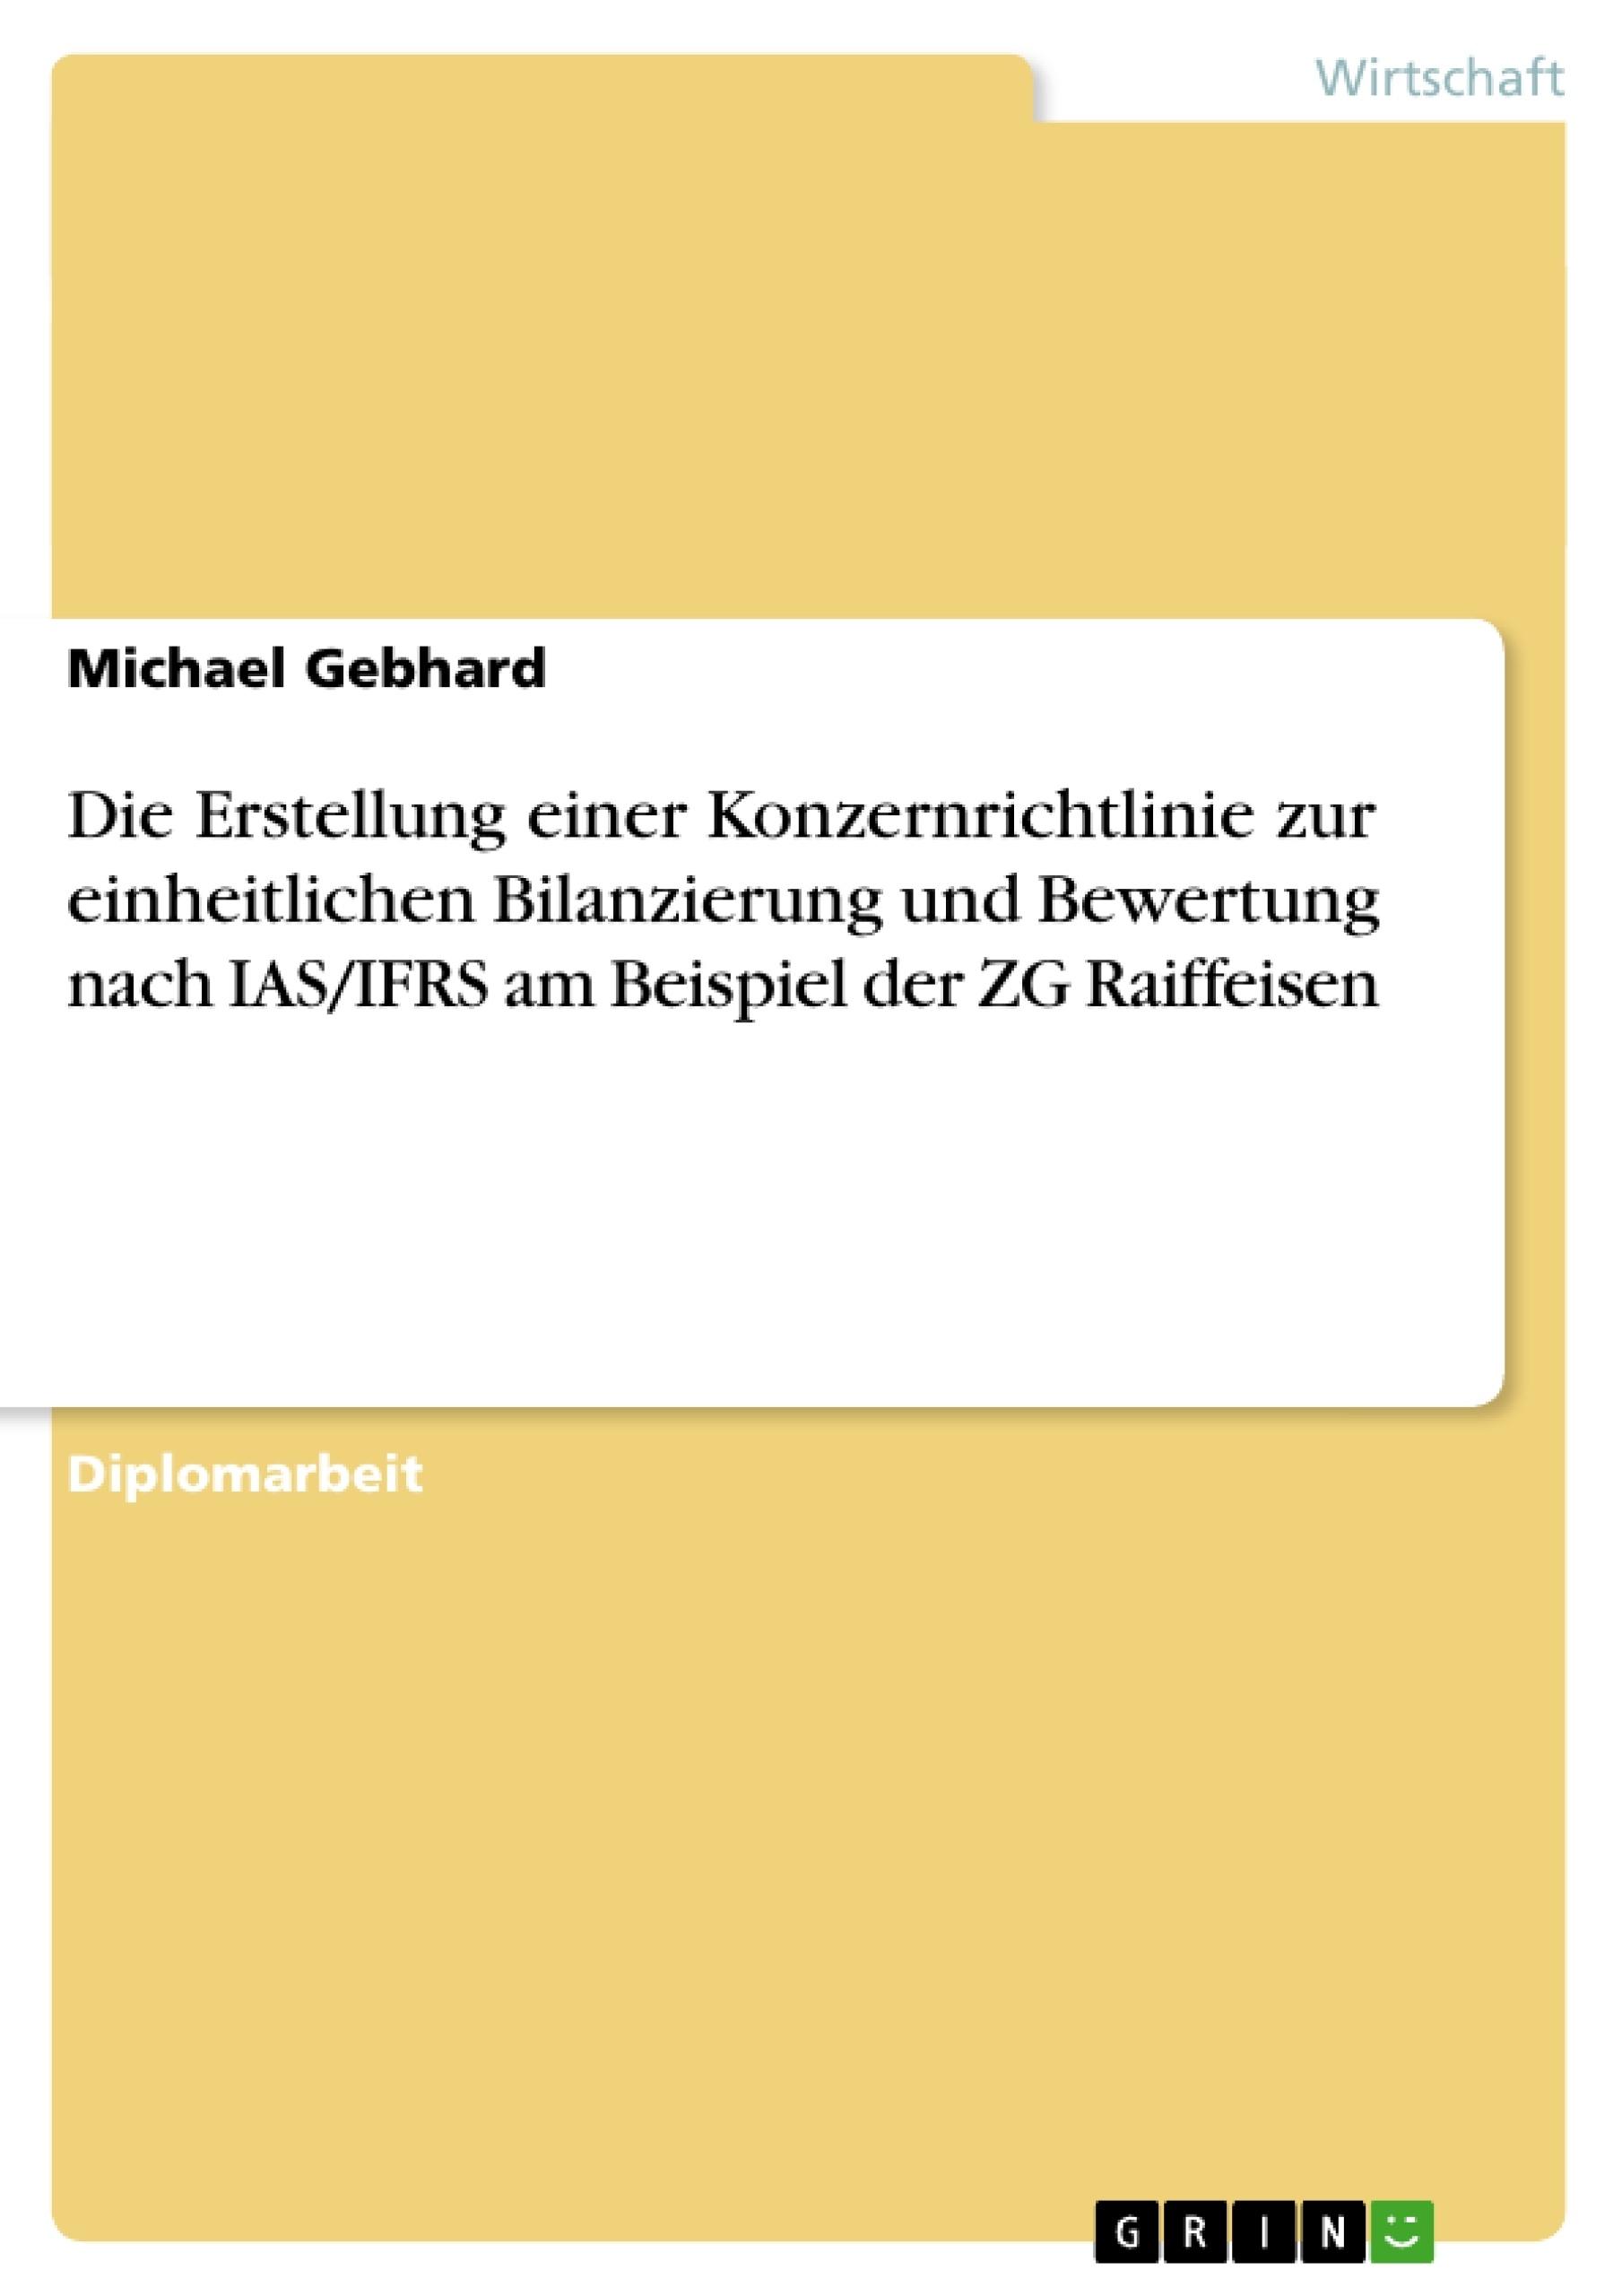 Titel: Die Erstellung einer Konzernrichtlinie zur einheitlichen Bilanzierung und Bewertung nach IAS/IFRS am Beispiel der ZG Raiffeisen